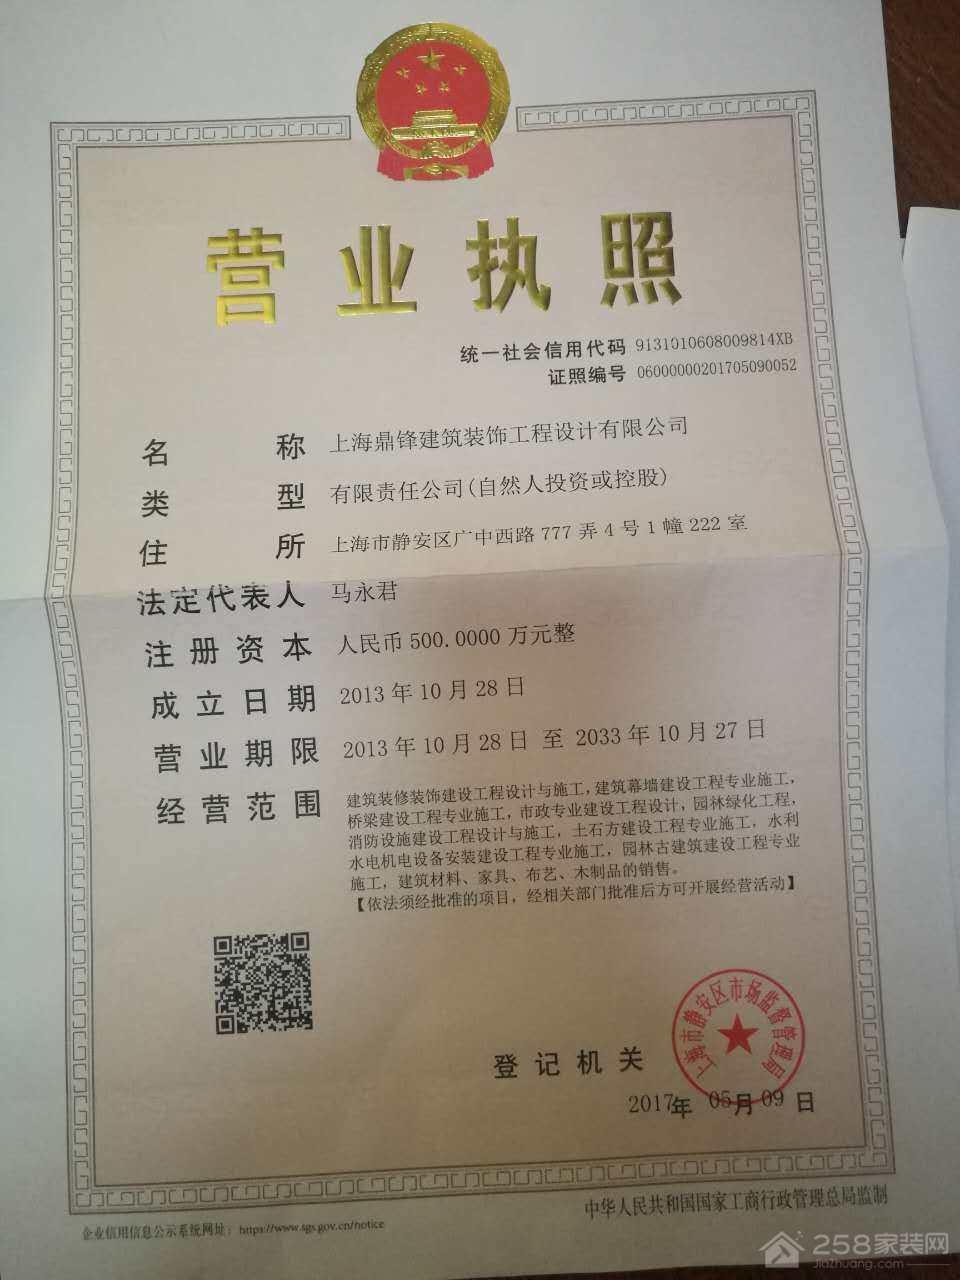 上海鼎锋建筑装饰工程设计有限公司